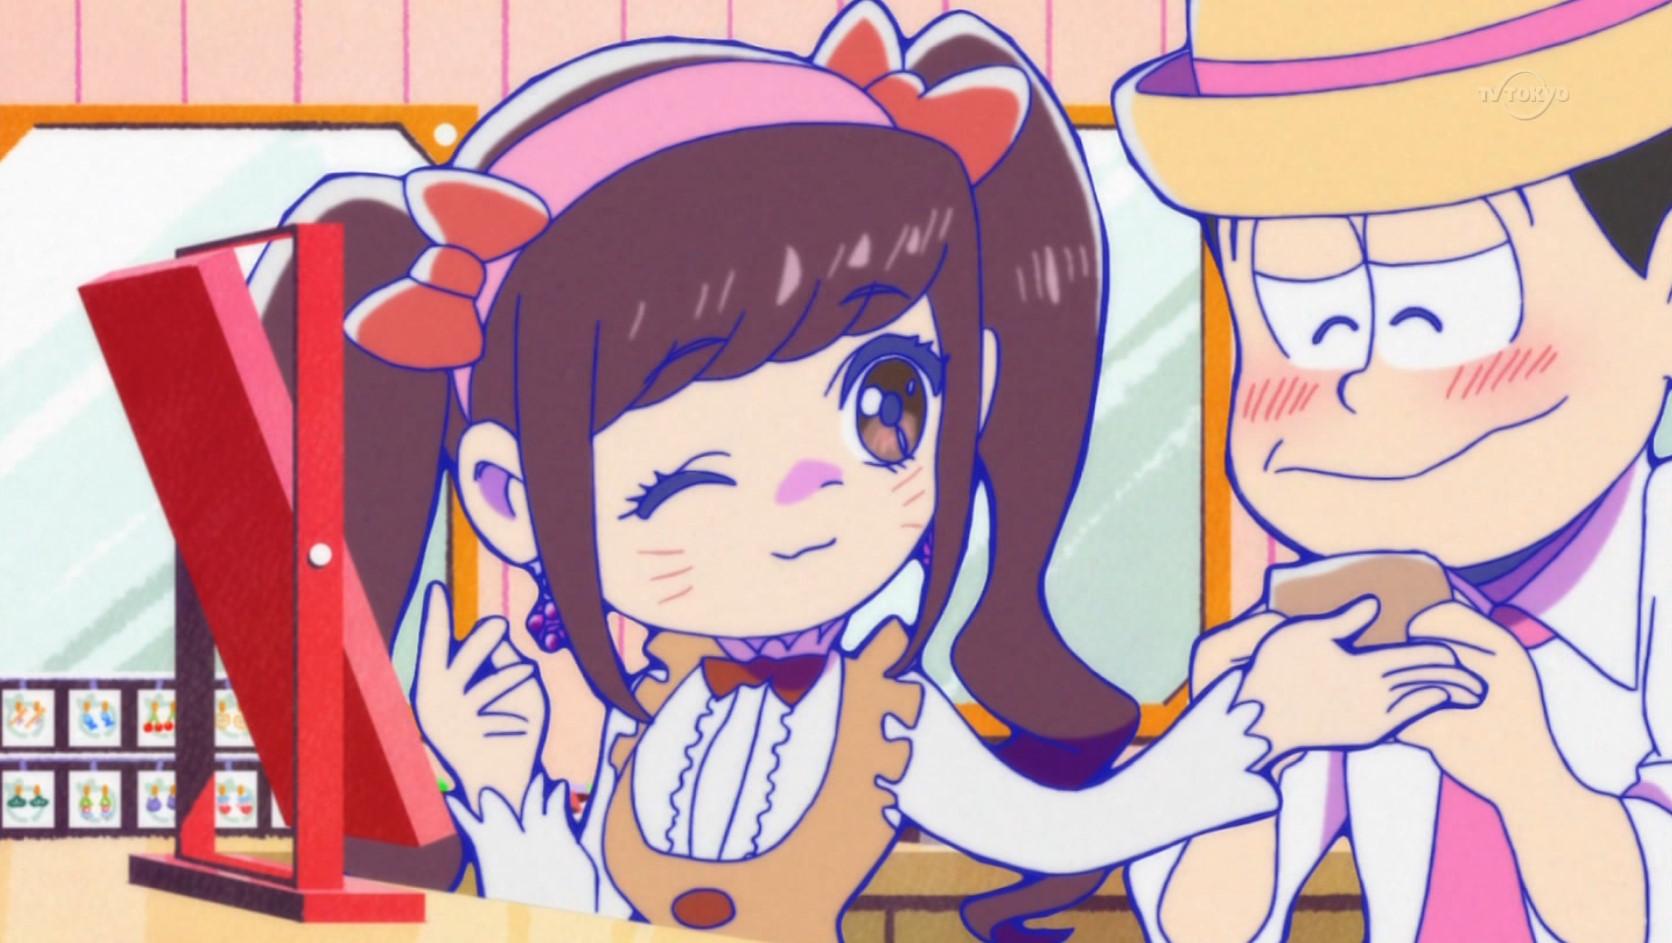 高画質 おそ松さん 10話 イヤミチビ太のレンタル彼女 感想 時勢を